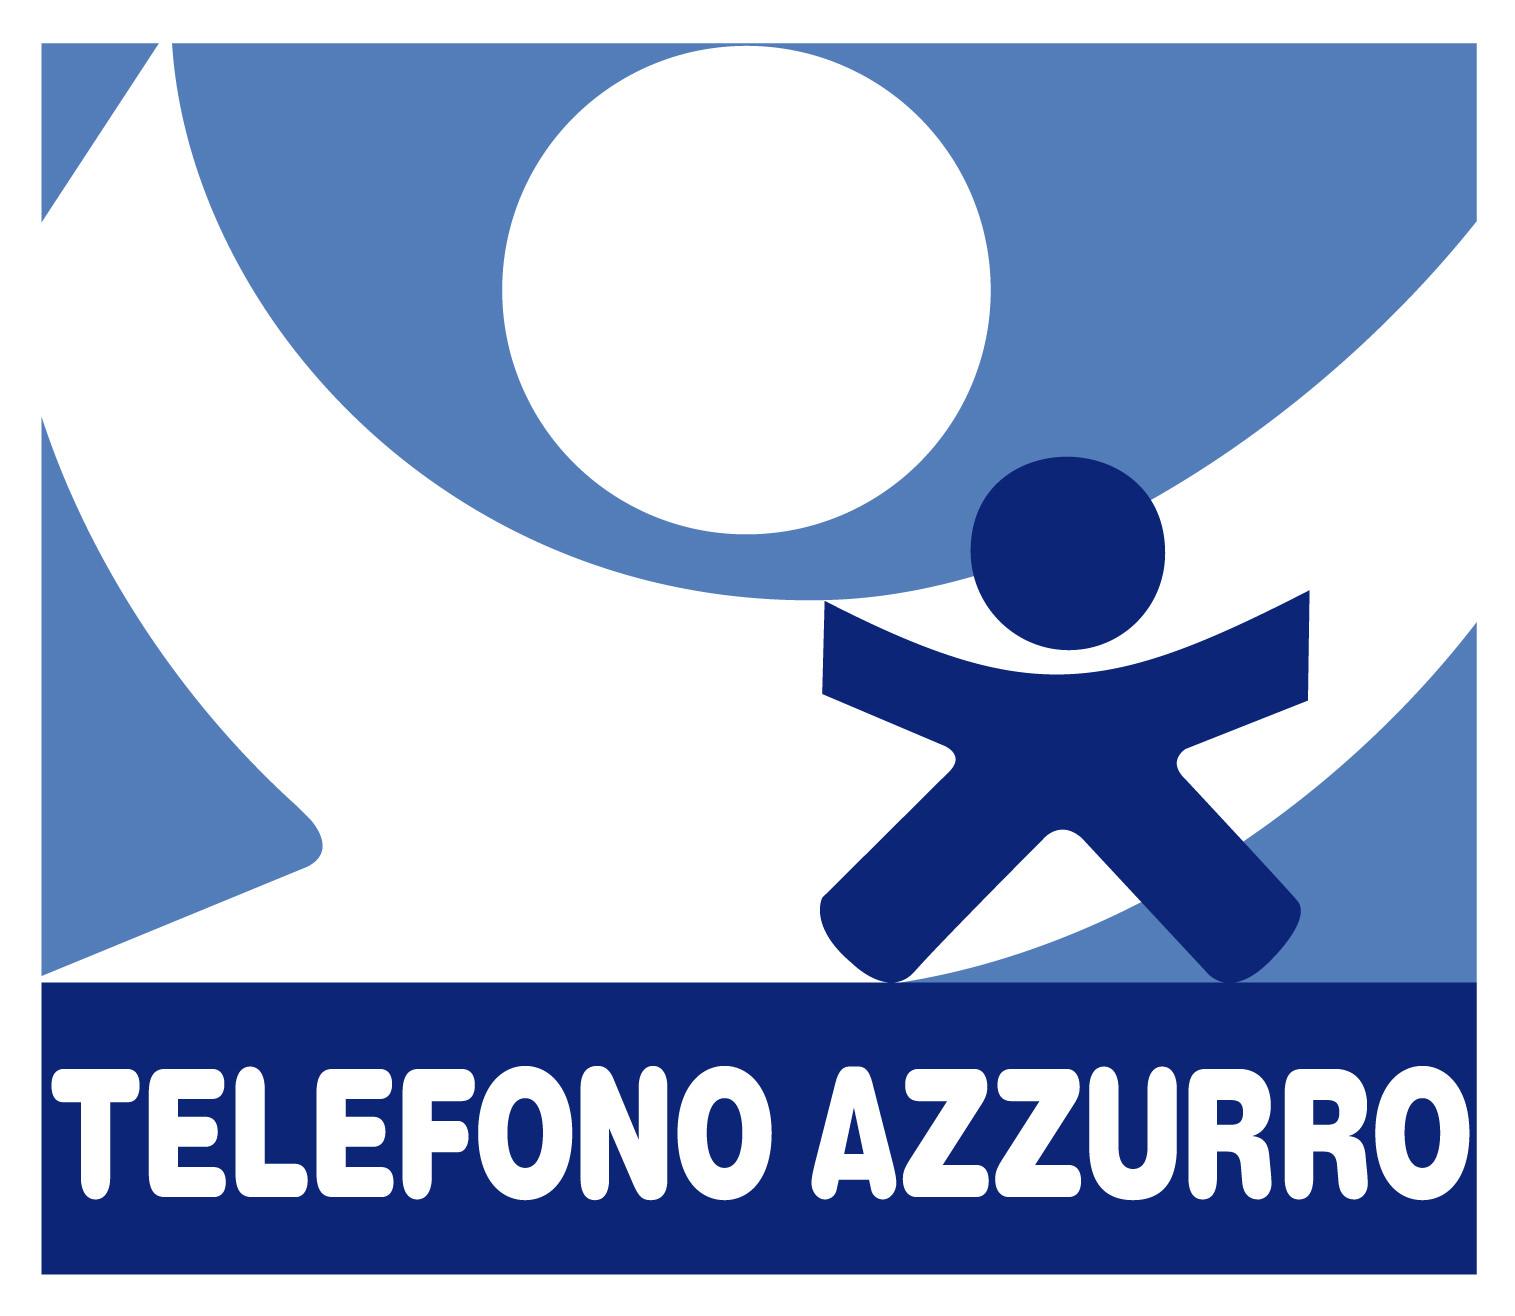 """Trapani, due giorni di meeting dei volontari di """"S.O.S. Telefono Azzurro Onlus"""""""